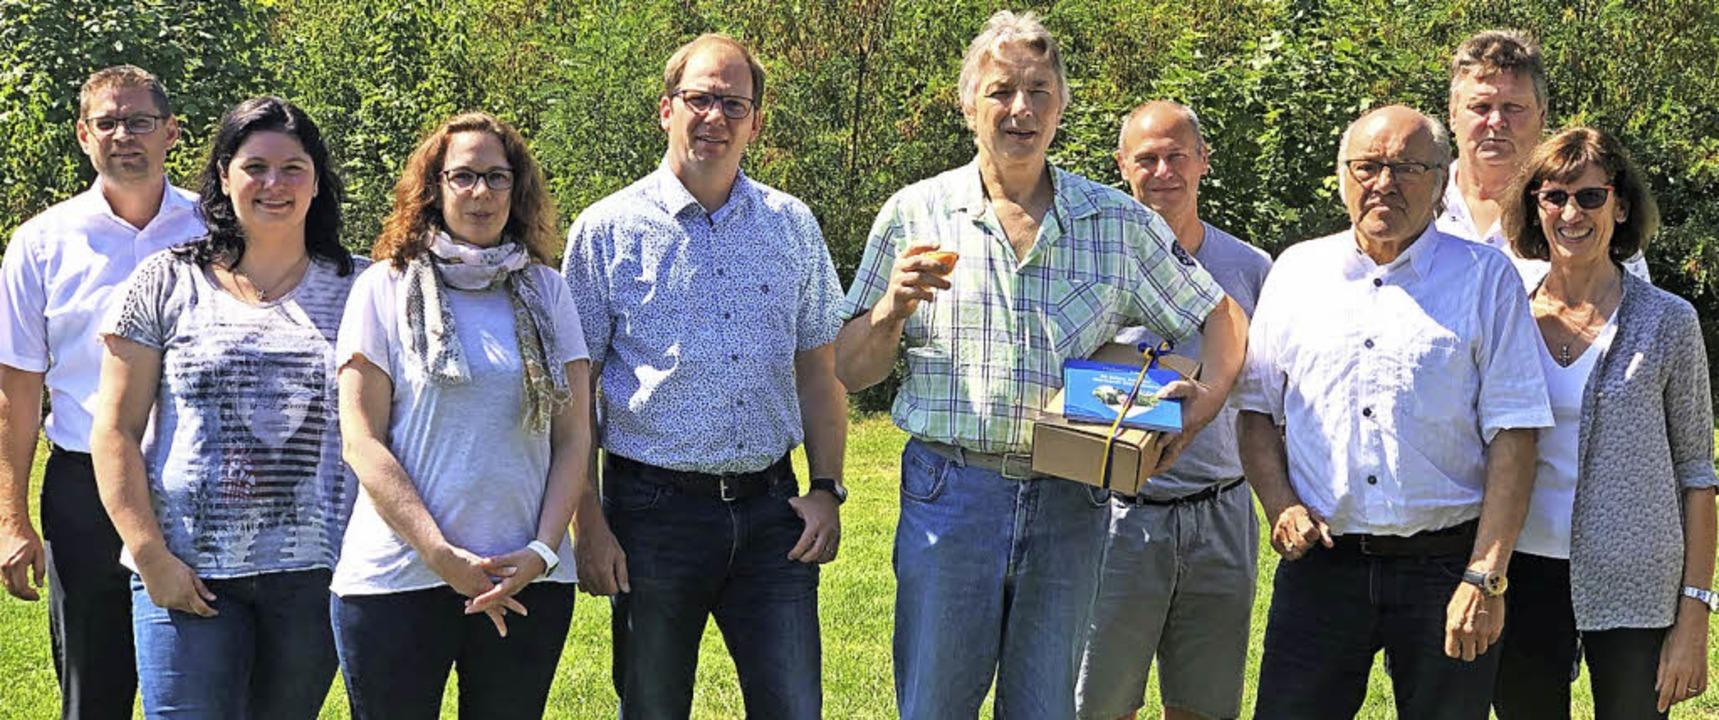 <BZ-FotoAnlauf>Bäckerei Heitzmann:</BZ-FotoAnlauf> Ehrungen für Helmut Bleile  | Foto: Privat